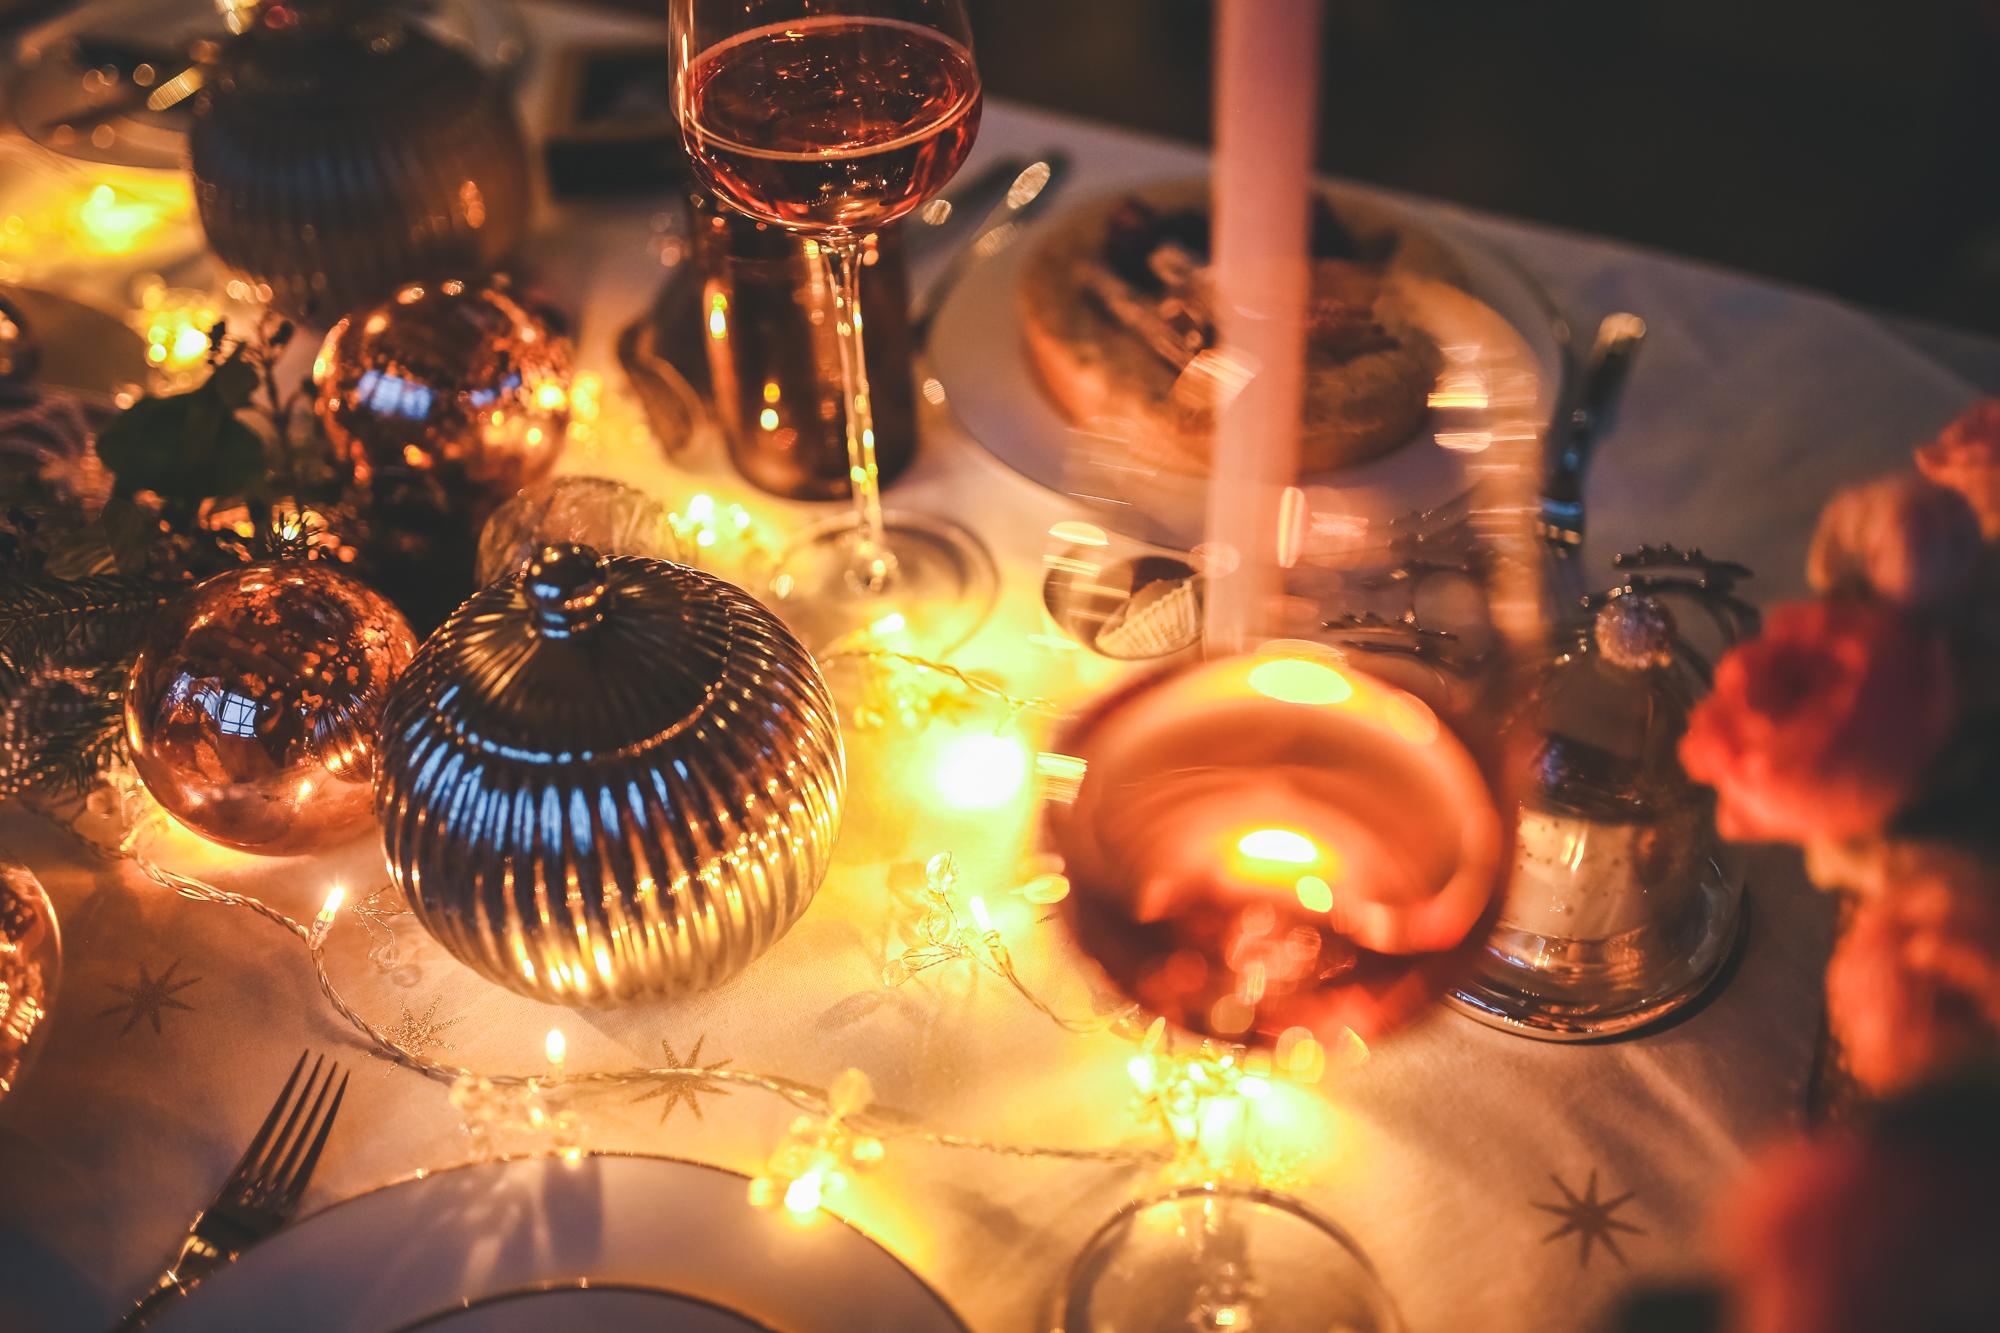 4 aniol swiety mikolaj choinka wigilia kartka swiateczna zyczenia na boze narodzenie xmas handmade postcard christmas wishes home decor interior design ozdoby na swieta projektowanie